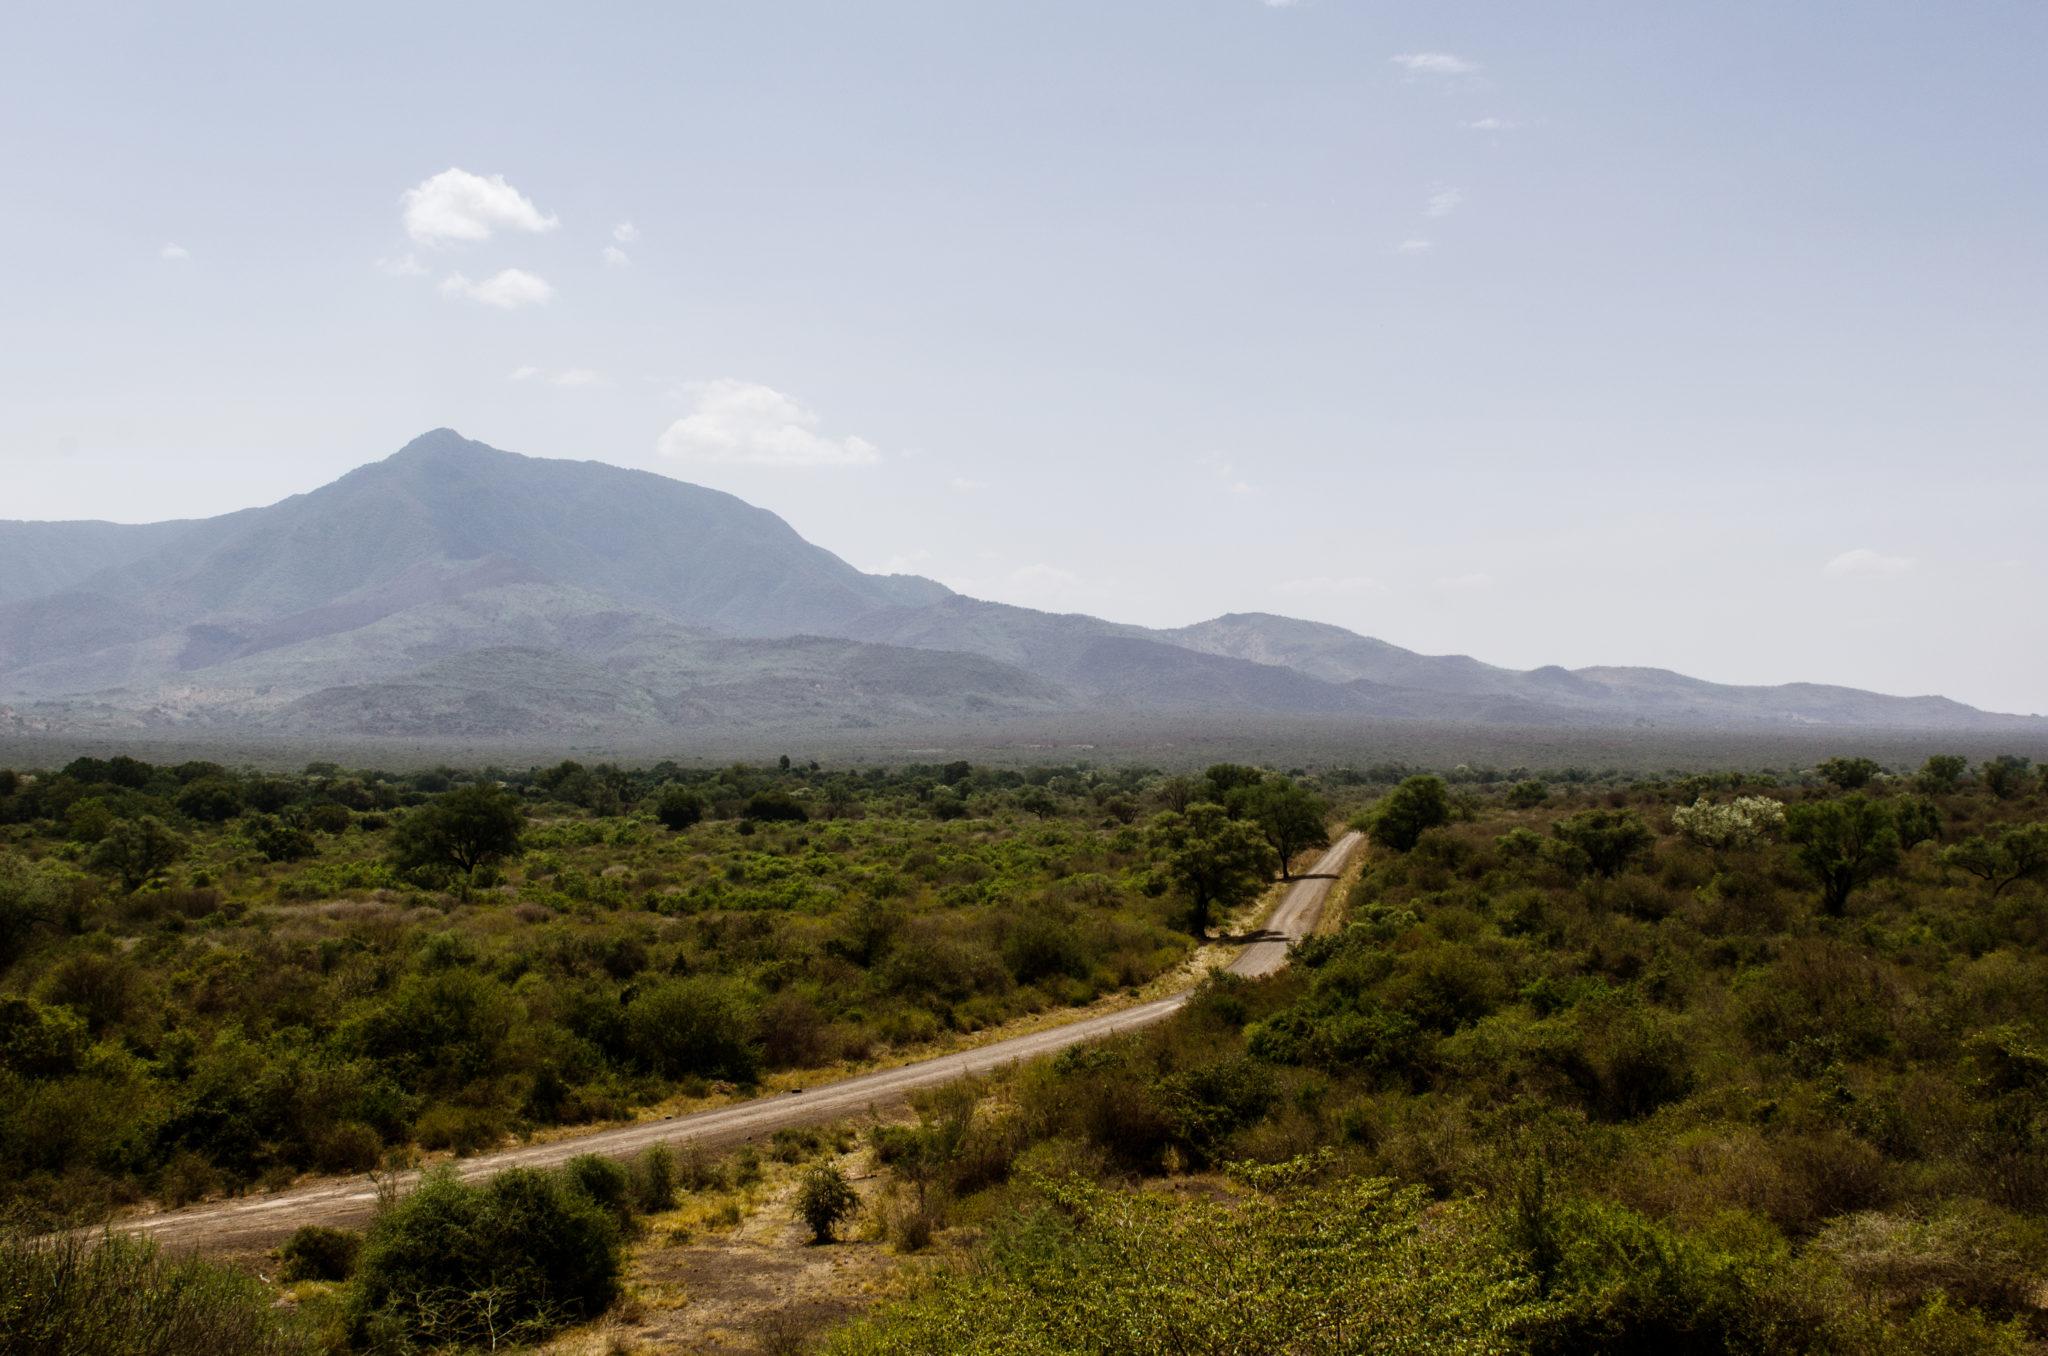 mursi-volk-aethiopien-suedaethiopien-mago-nationalpark